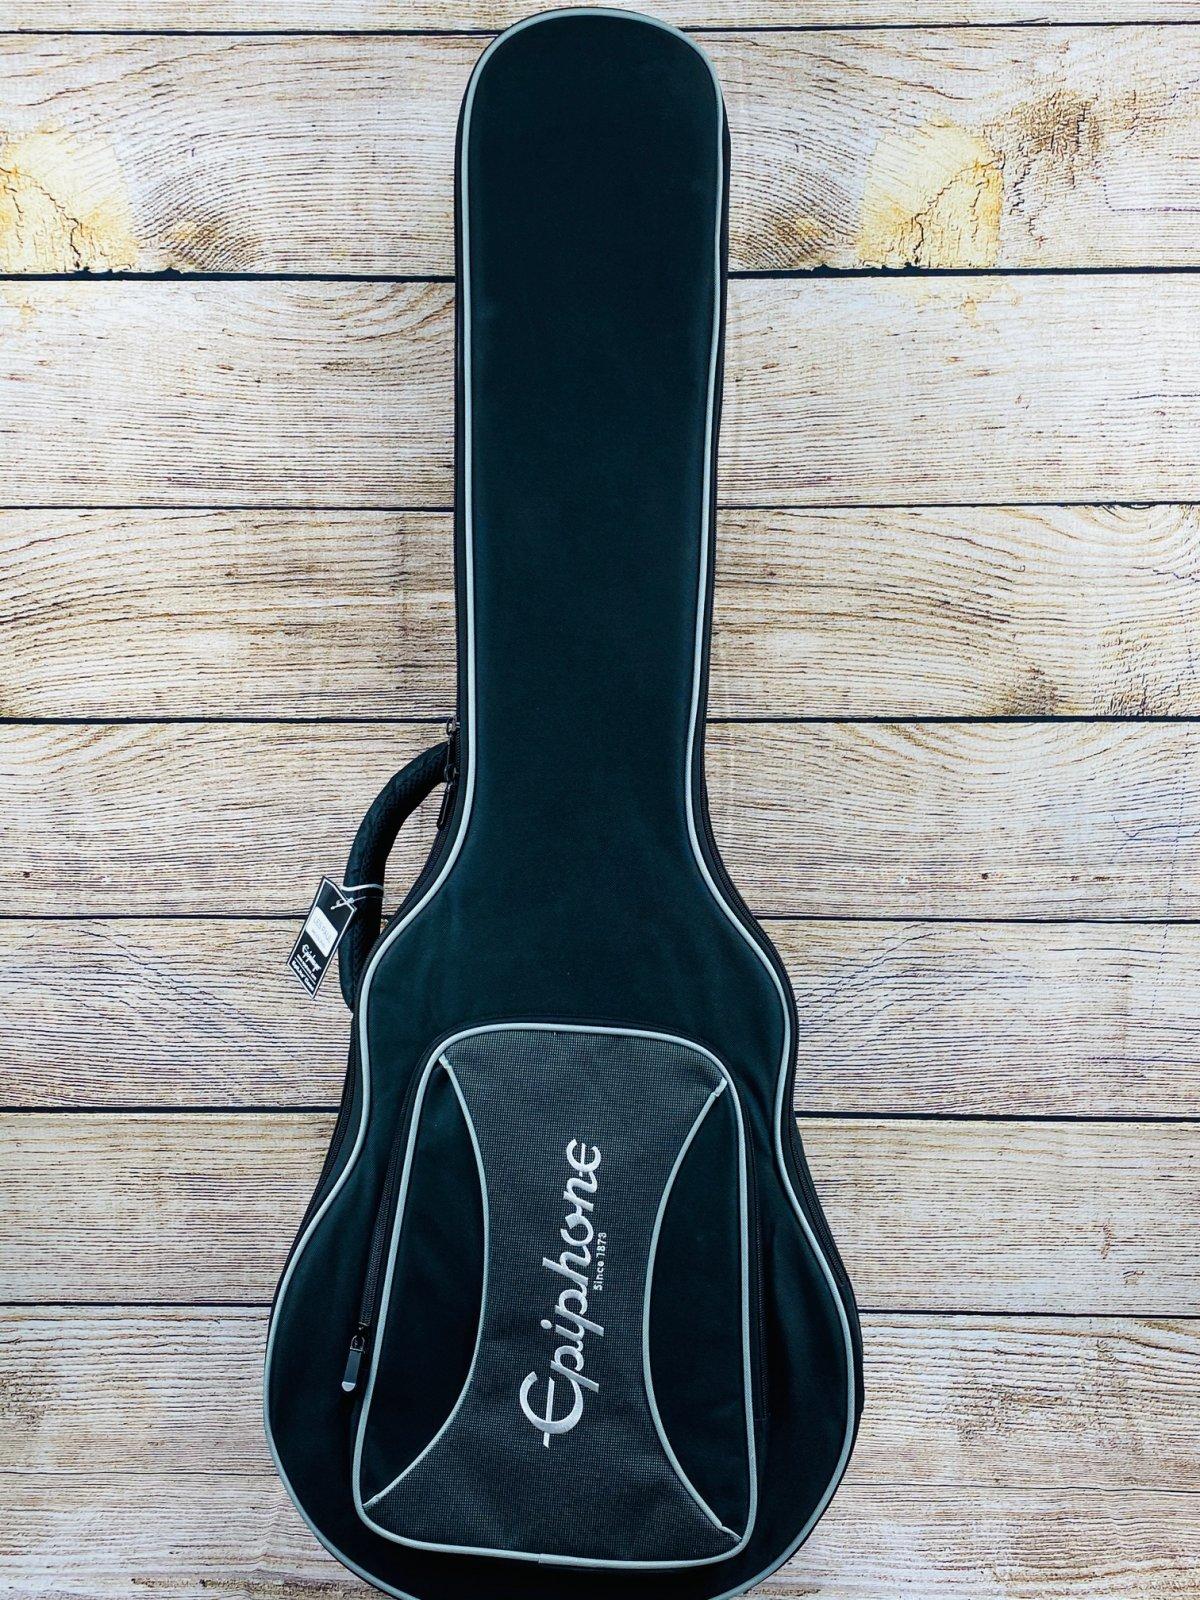 Epiphone EpiLite Les Paul Electric Guitar Case